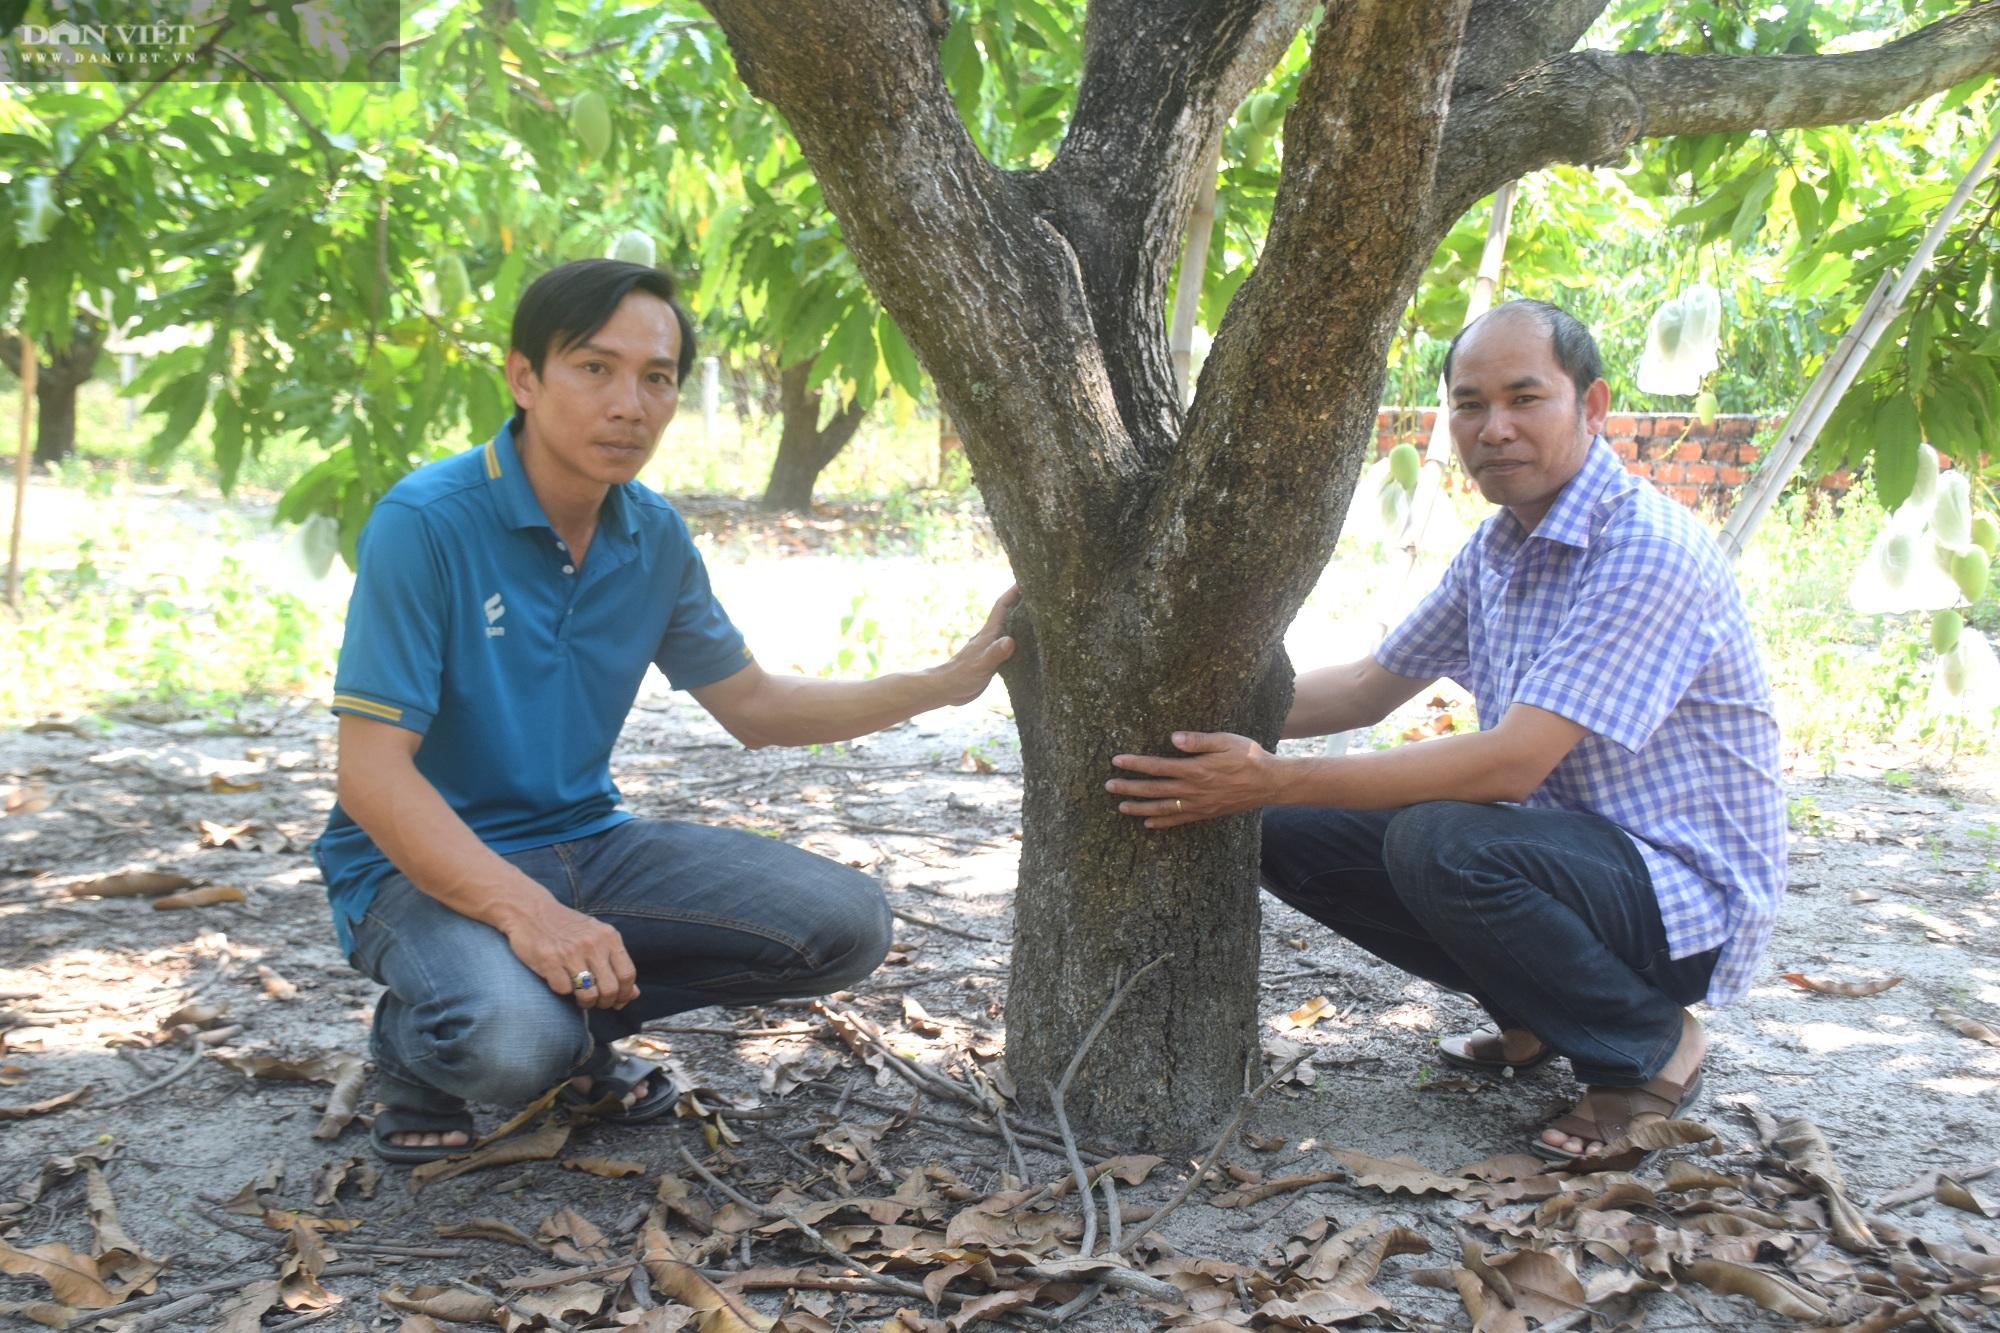 """Bình Định: Ở vùng đất này toàn cát, thế mà nông dân trồng xoài ra chi chít quả, chất lượng thì """"không thể chê"""" - Ảnh 5."""